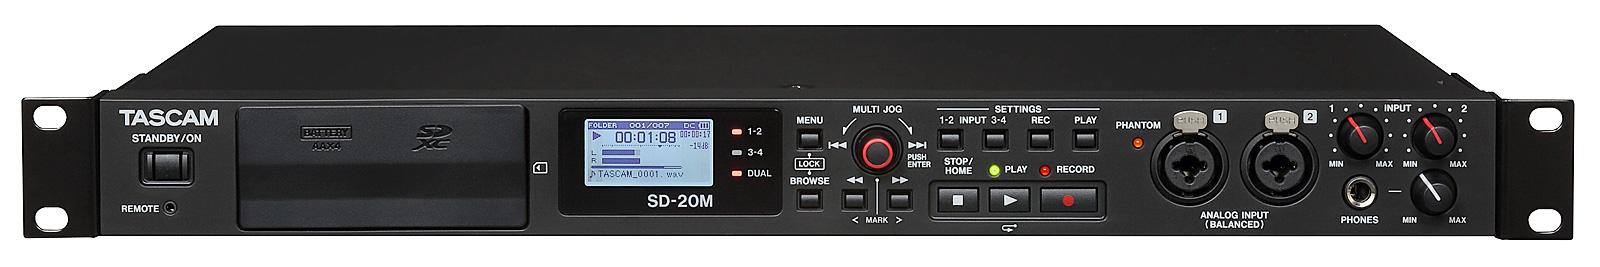 Tascam SD-20M harddisk audio recorder